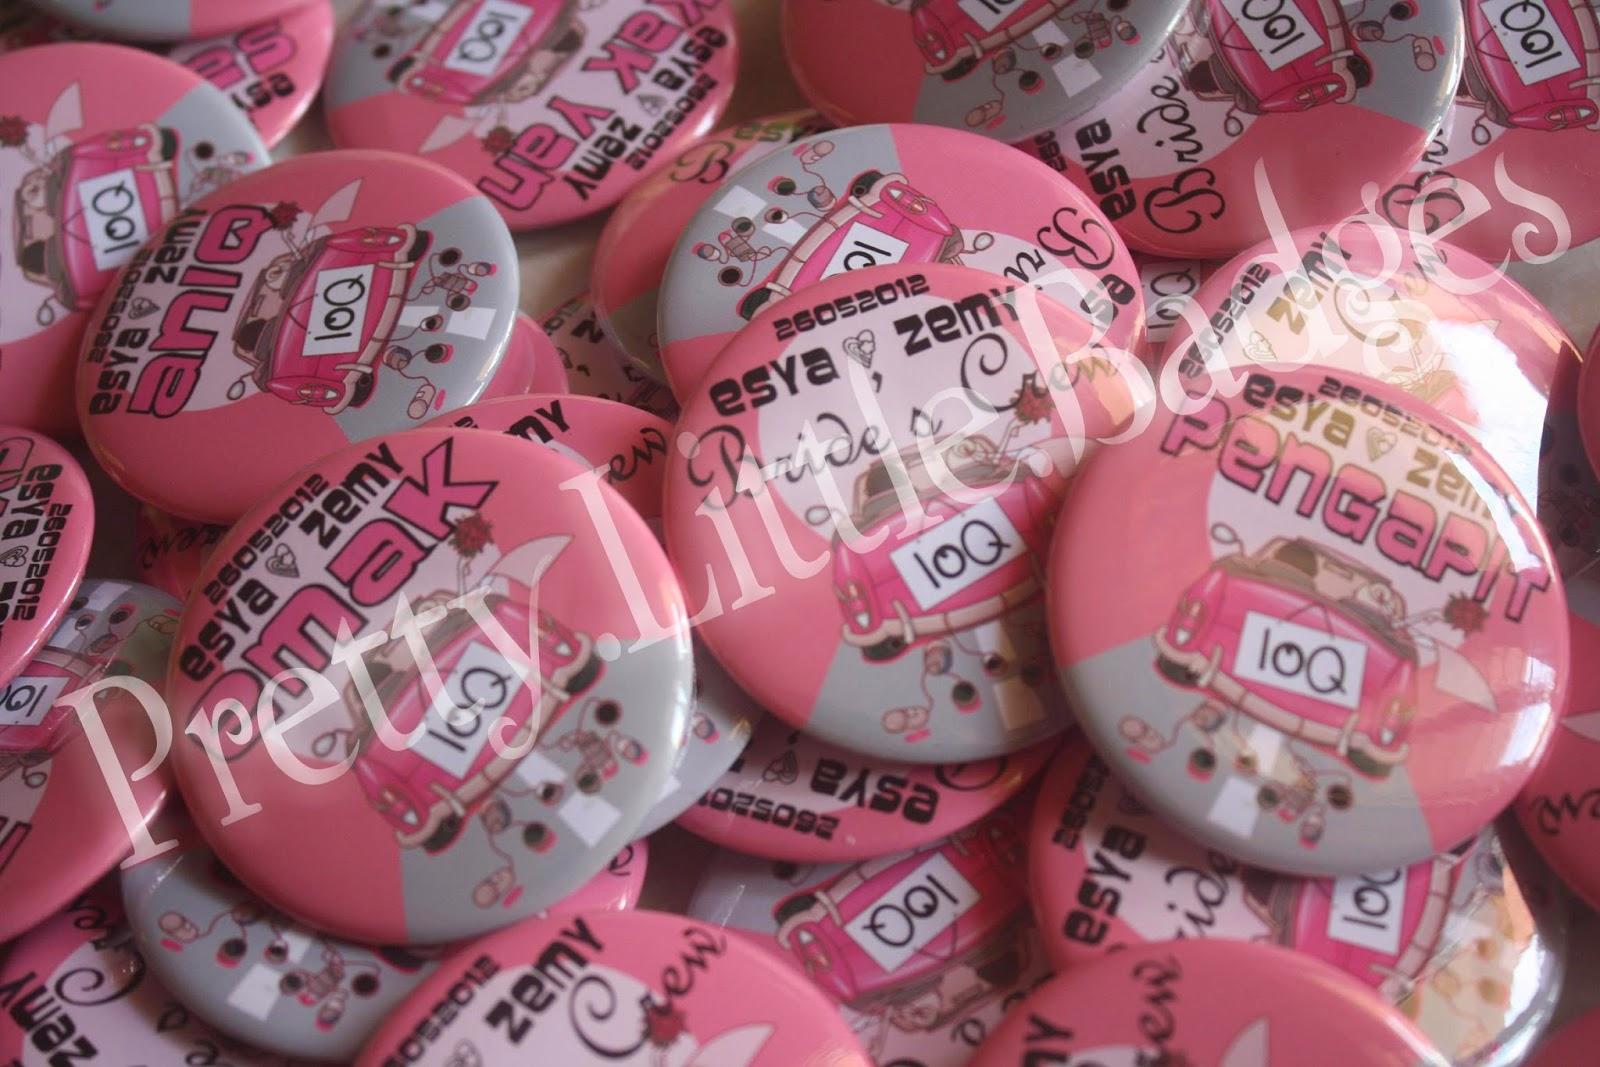 http://prettylittle-artsndesign.blogspot.com/p/kod_23.html